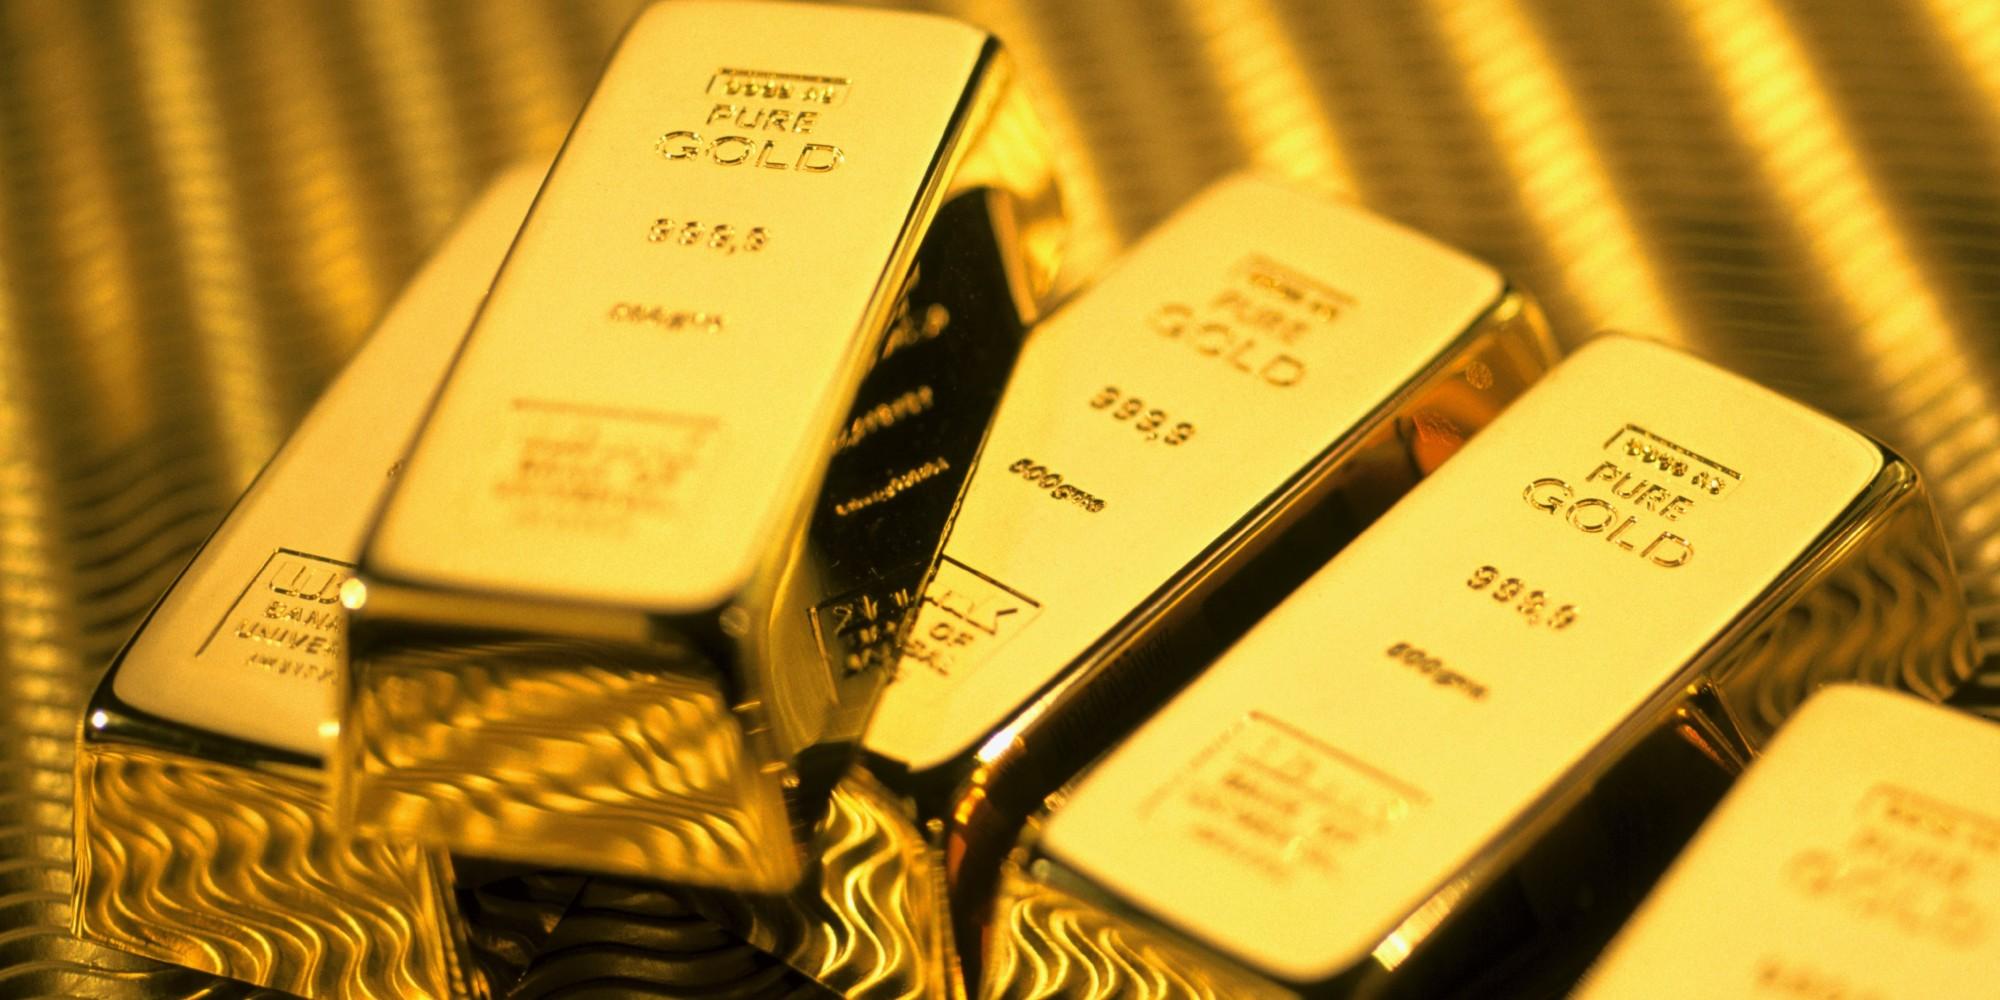 تراجع الدولار يدفع أسعار الذهب للإرتفاع بشكل طفيف